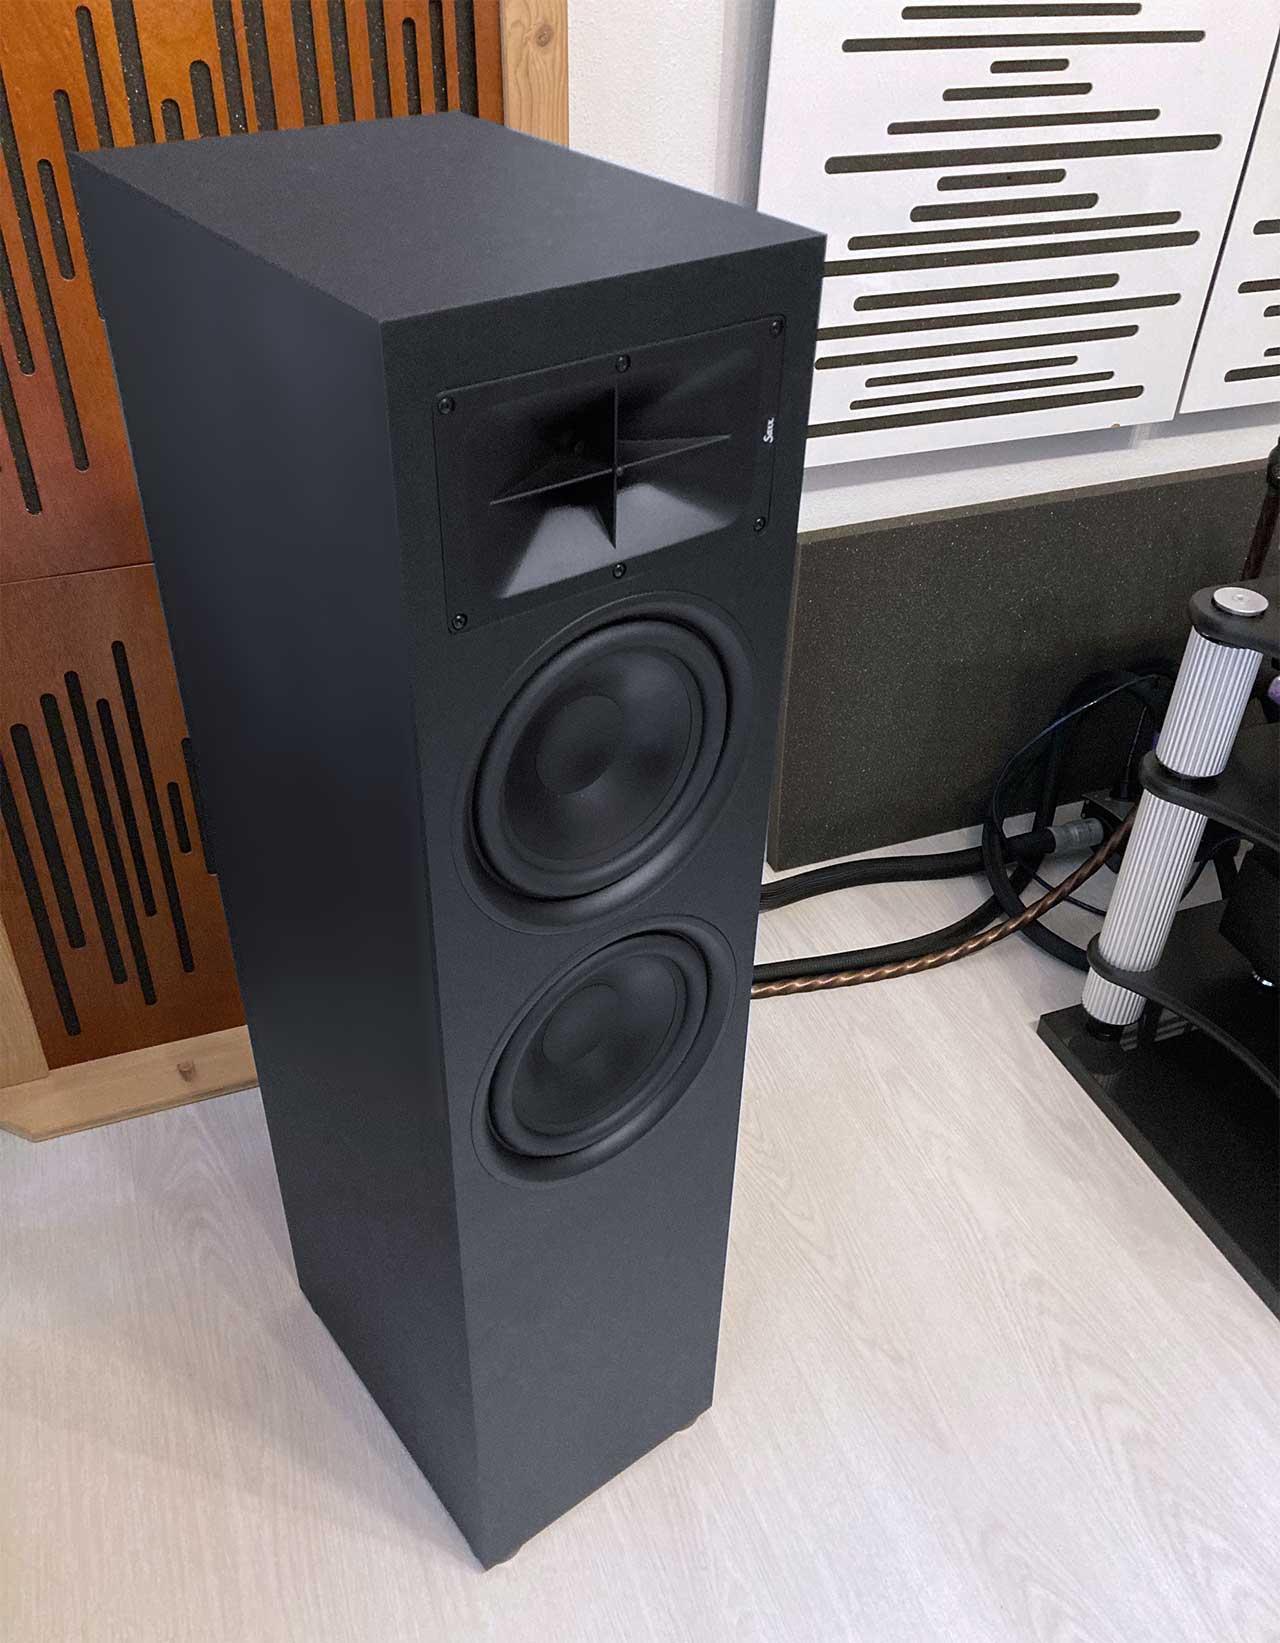 Saxx Truesound TS 900 im Hörraum